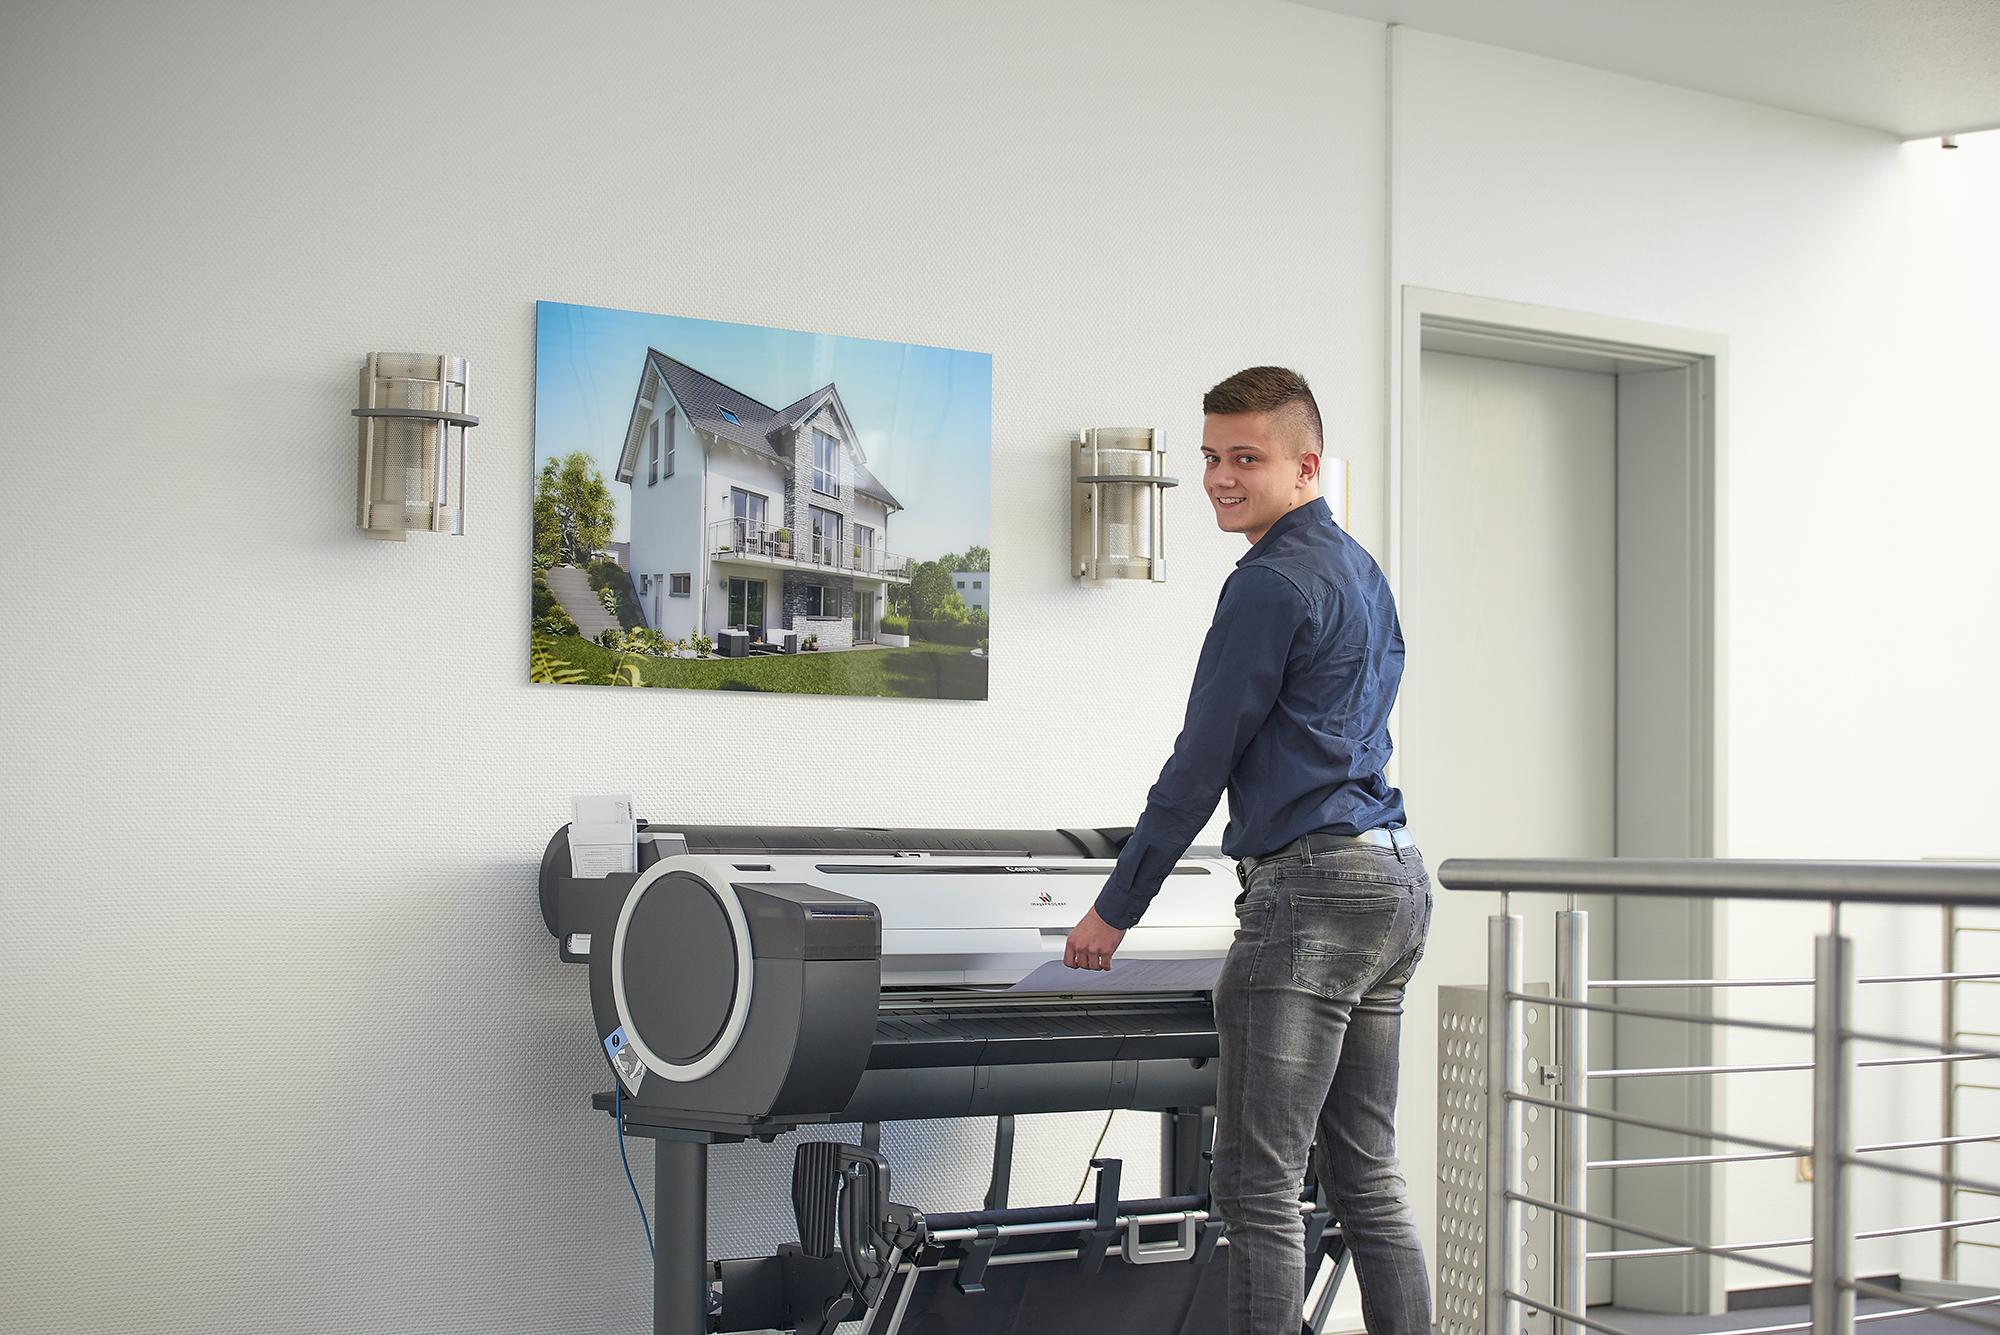 Bauzeichner (m/w/d) im Bereich Werkplanung und Bauantrag für die Zentrale in Ransbach-Baumbach bei Koblenz